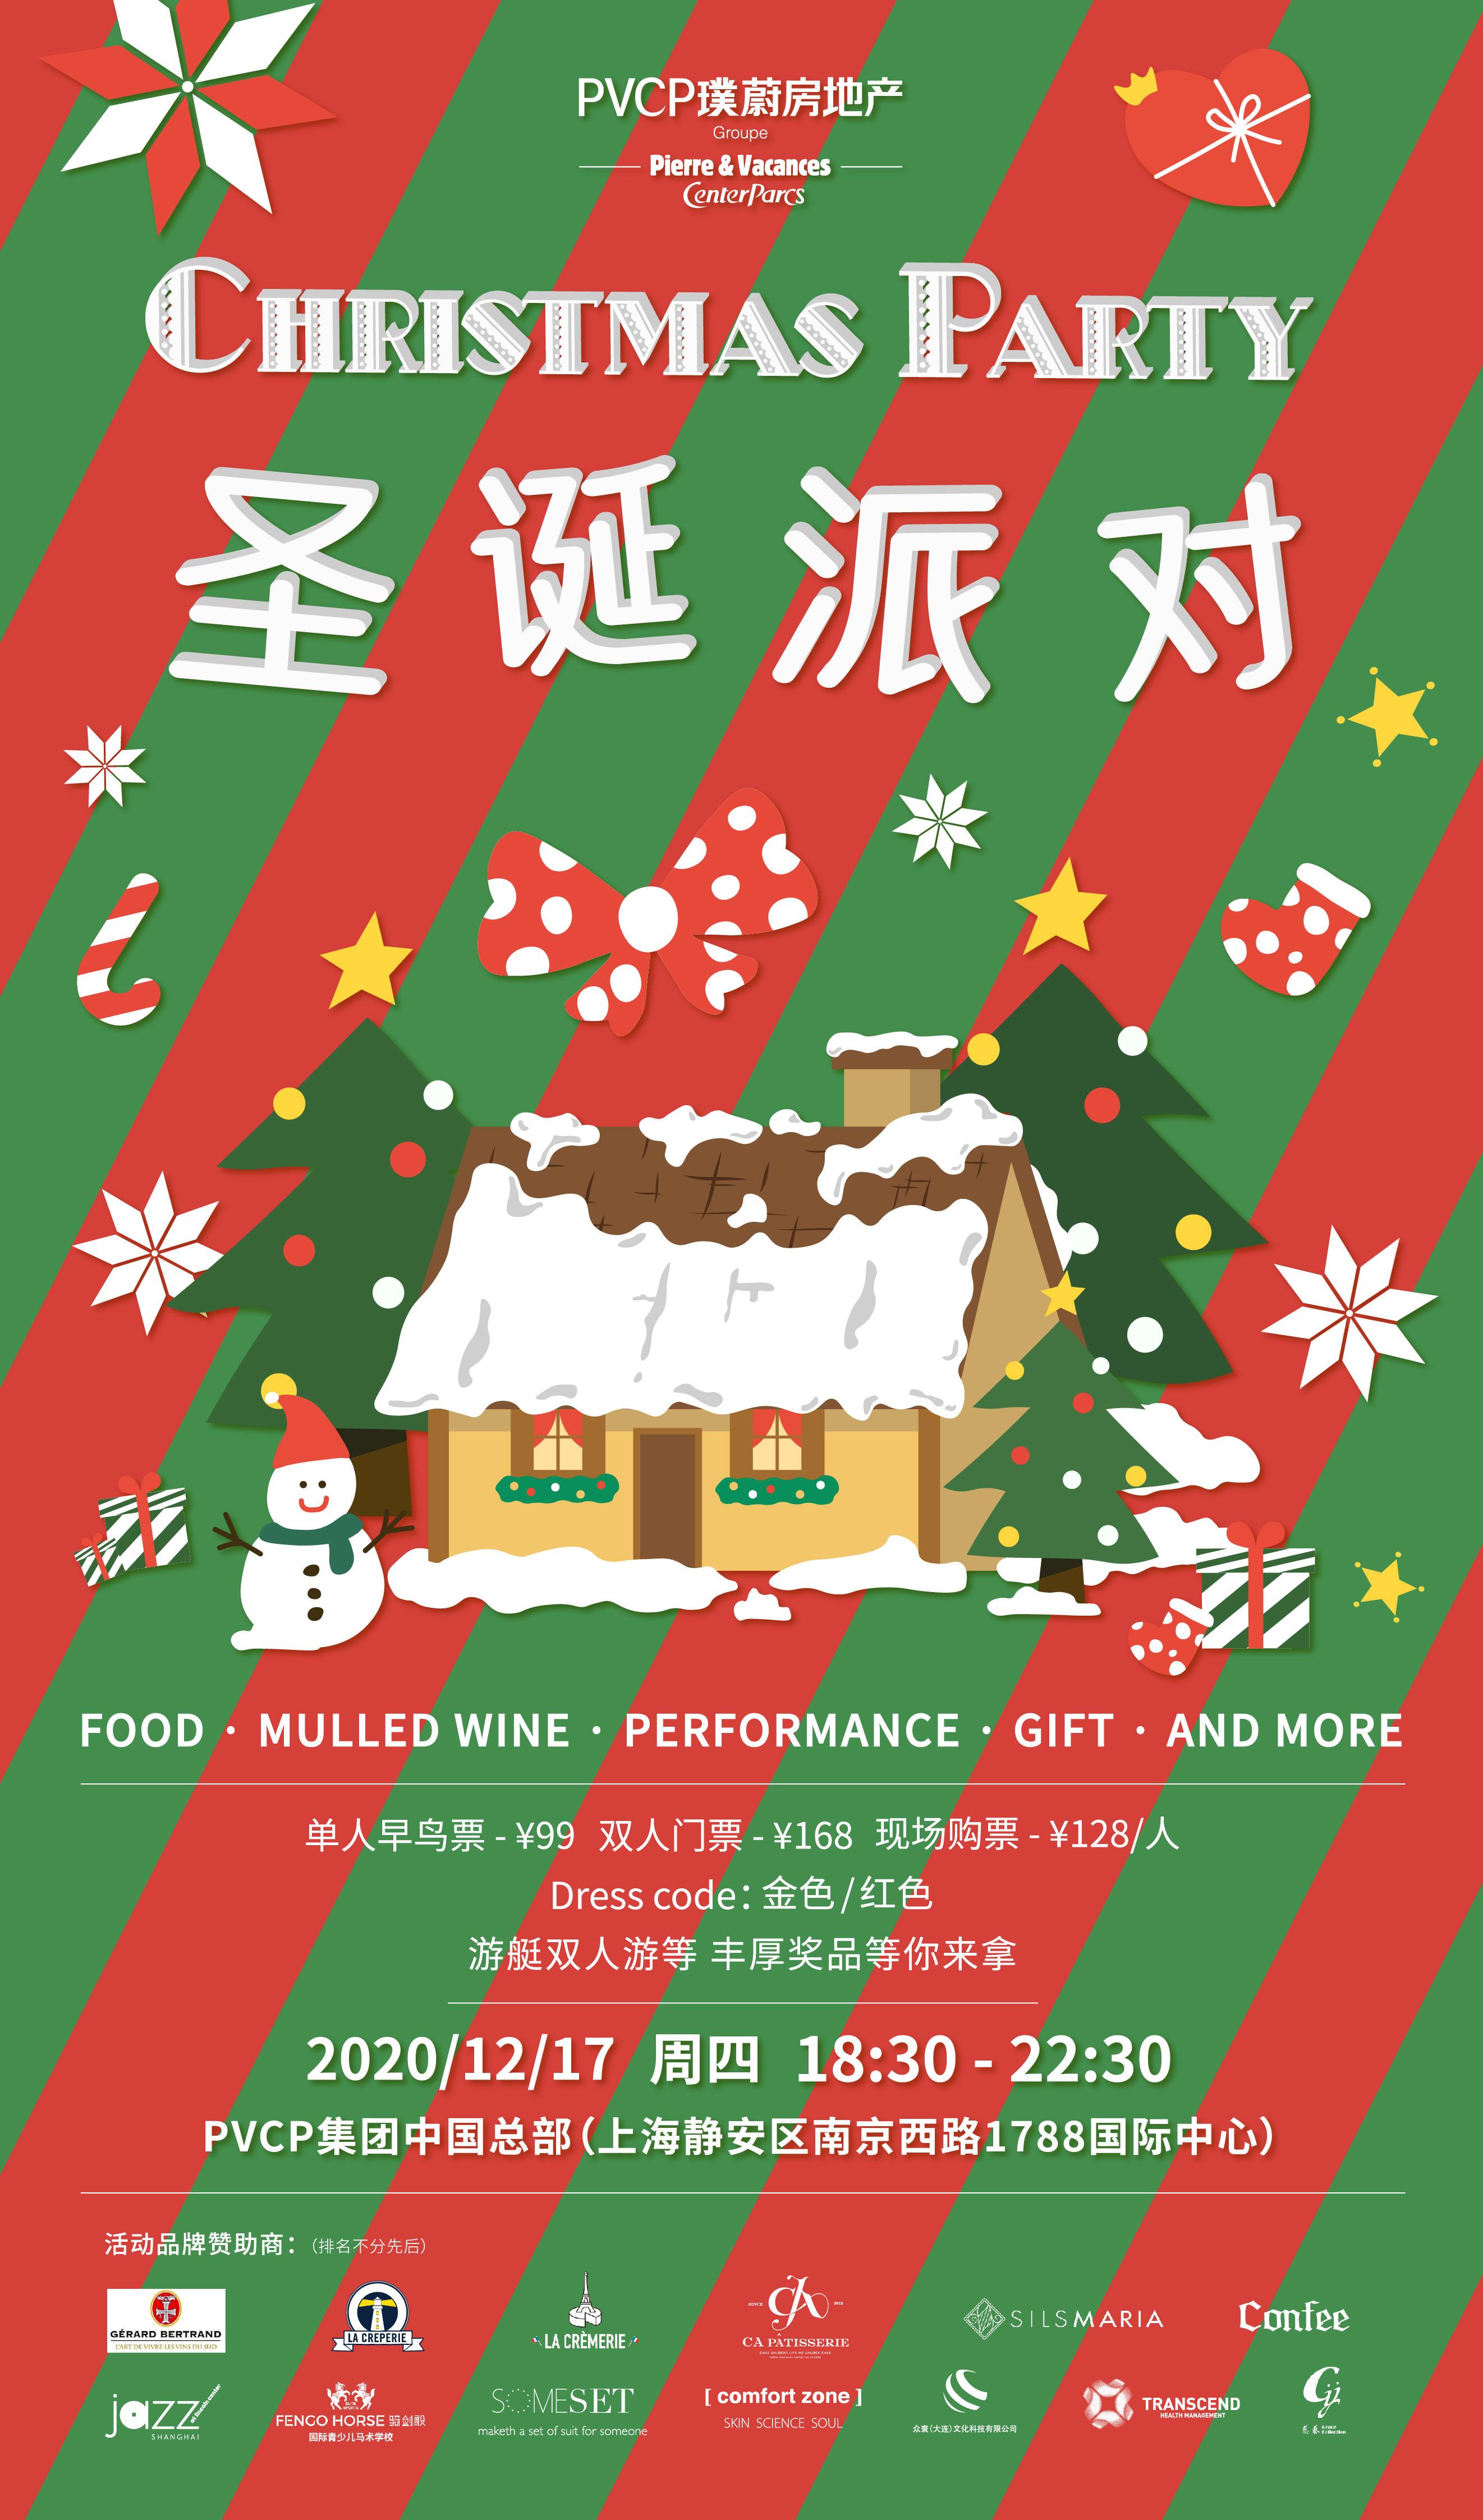 Pierre & Vacances Center Parcs Christmas Party: 17 December 2020 (Shanghai)